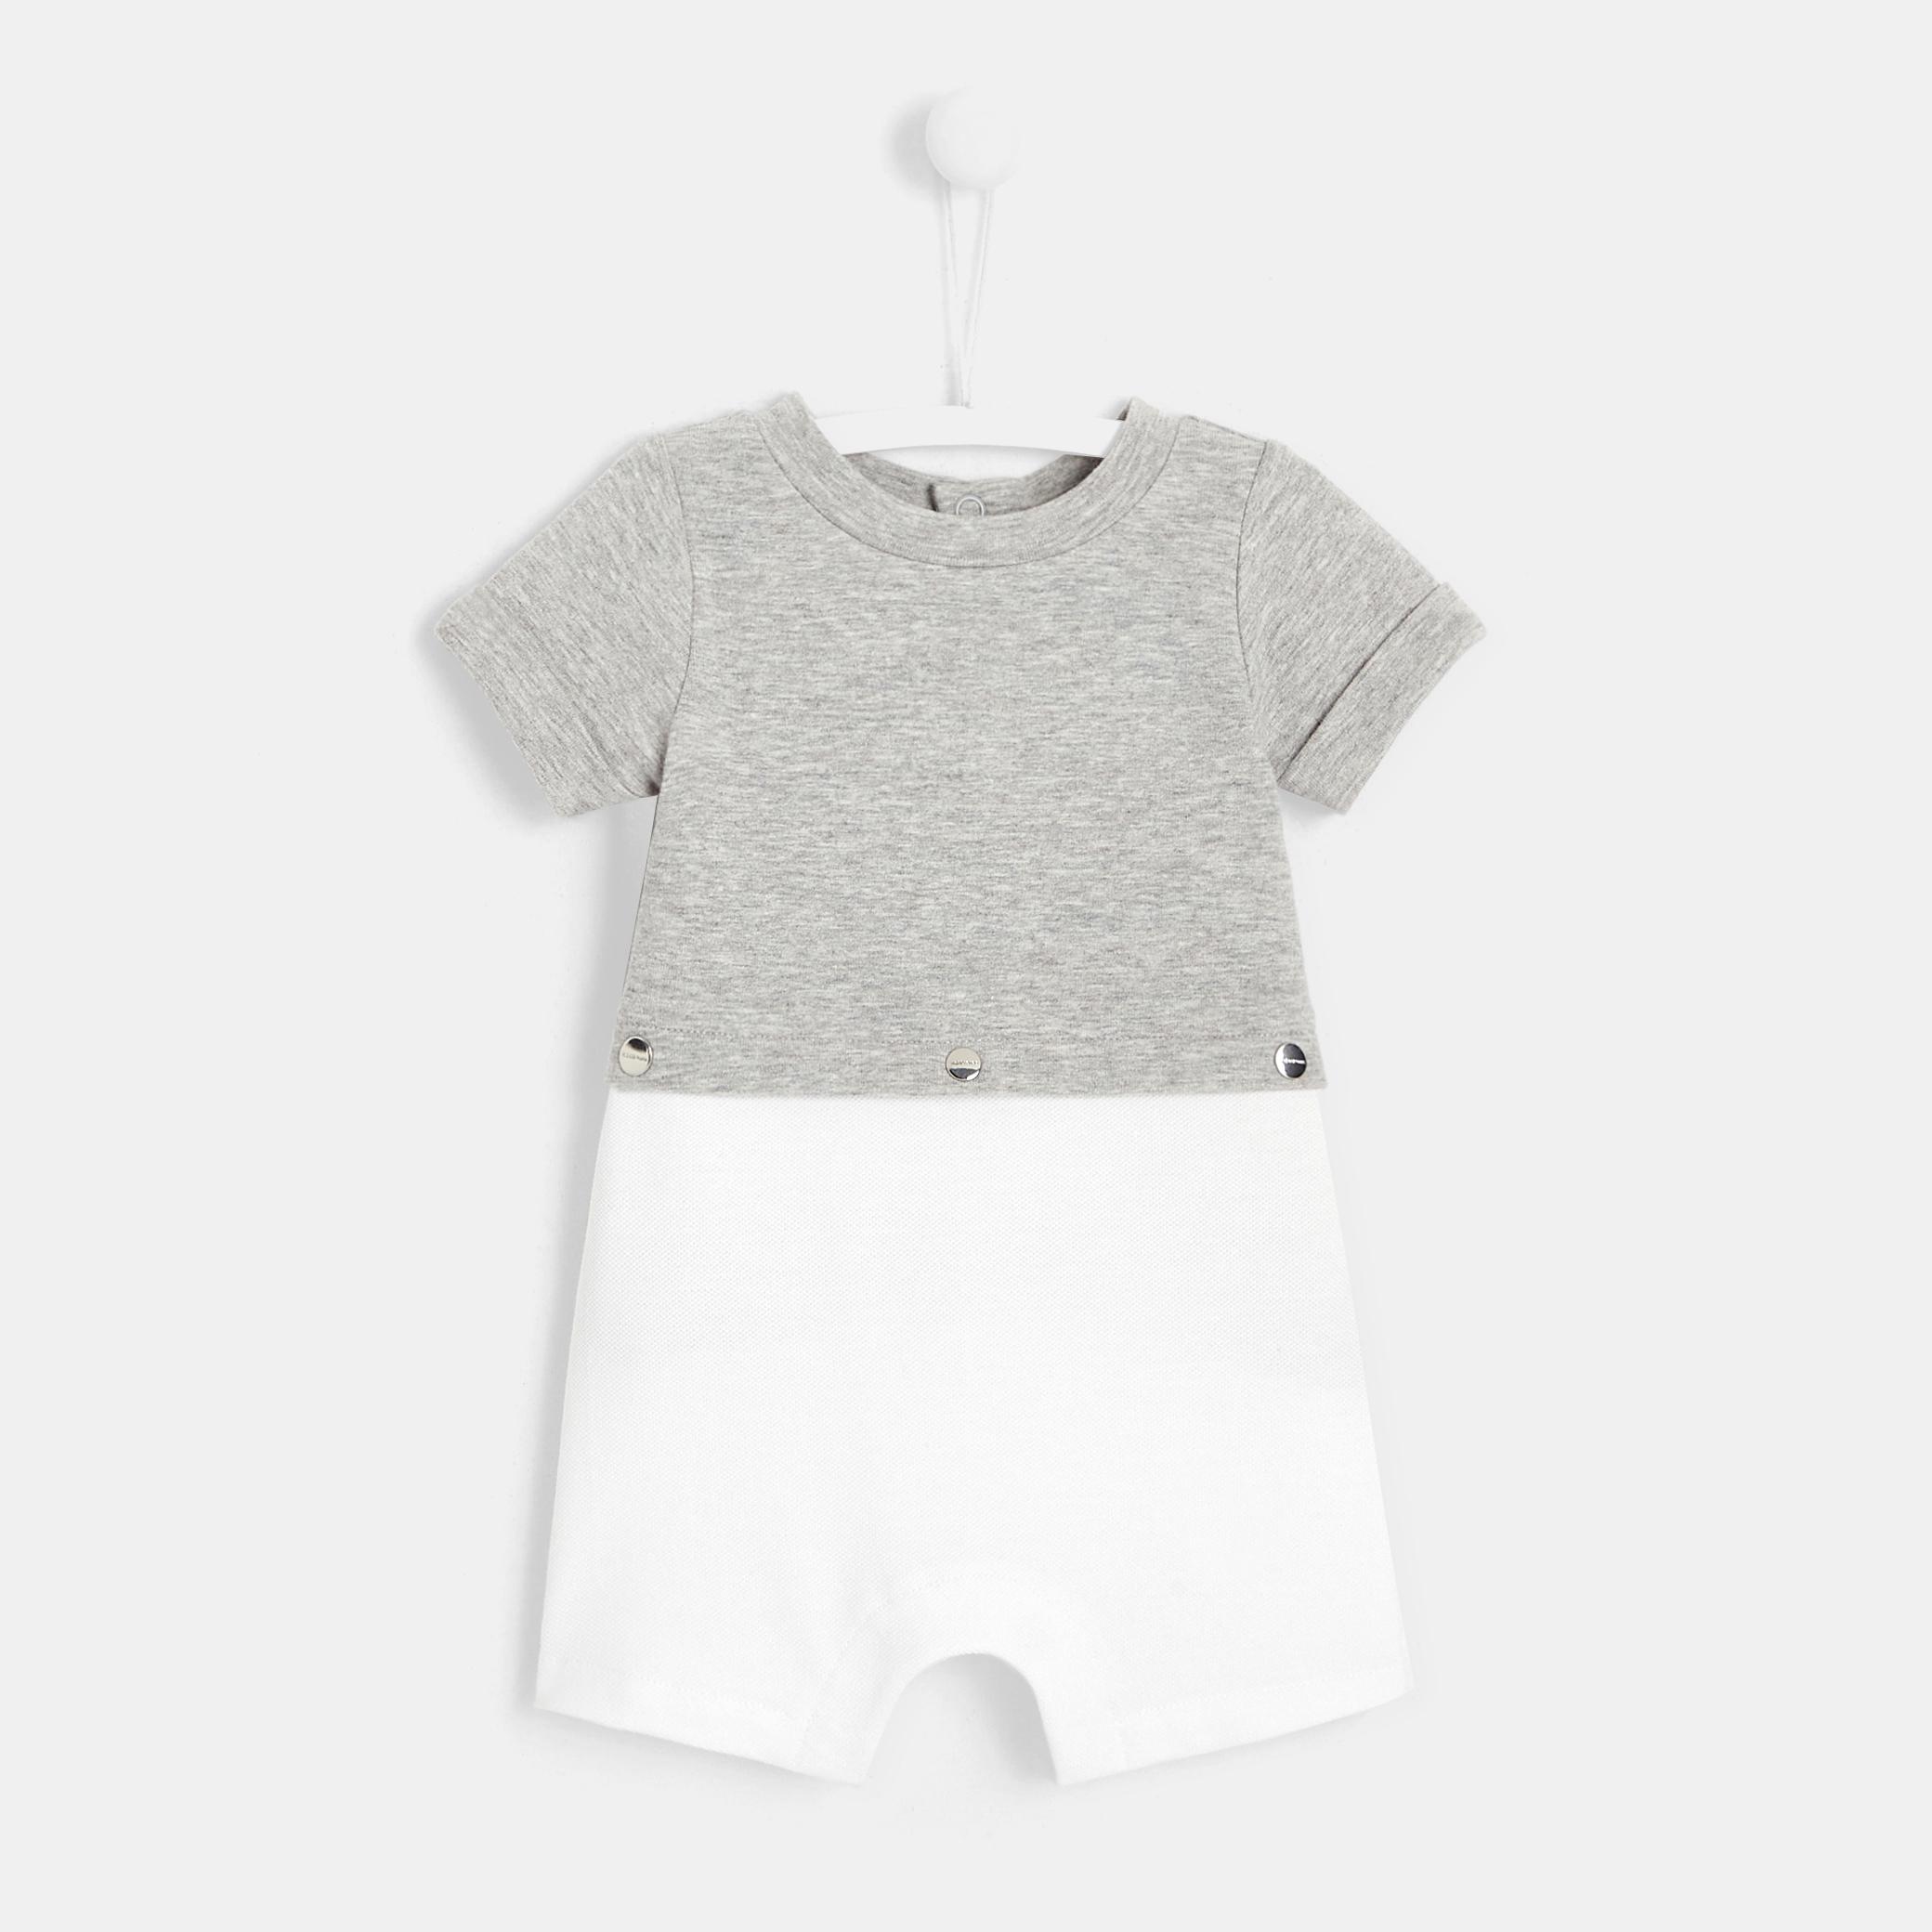 Baby 2-in-1 onesie